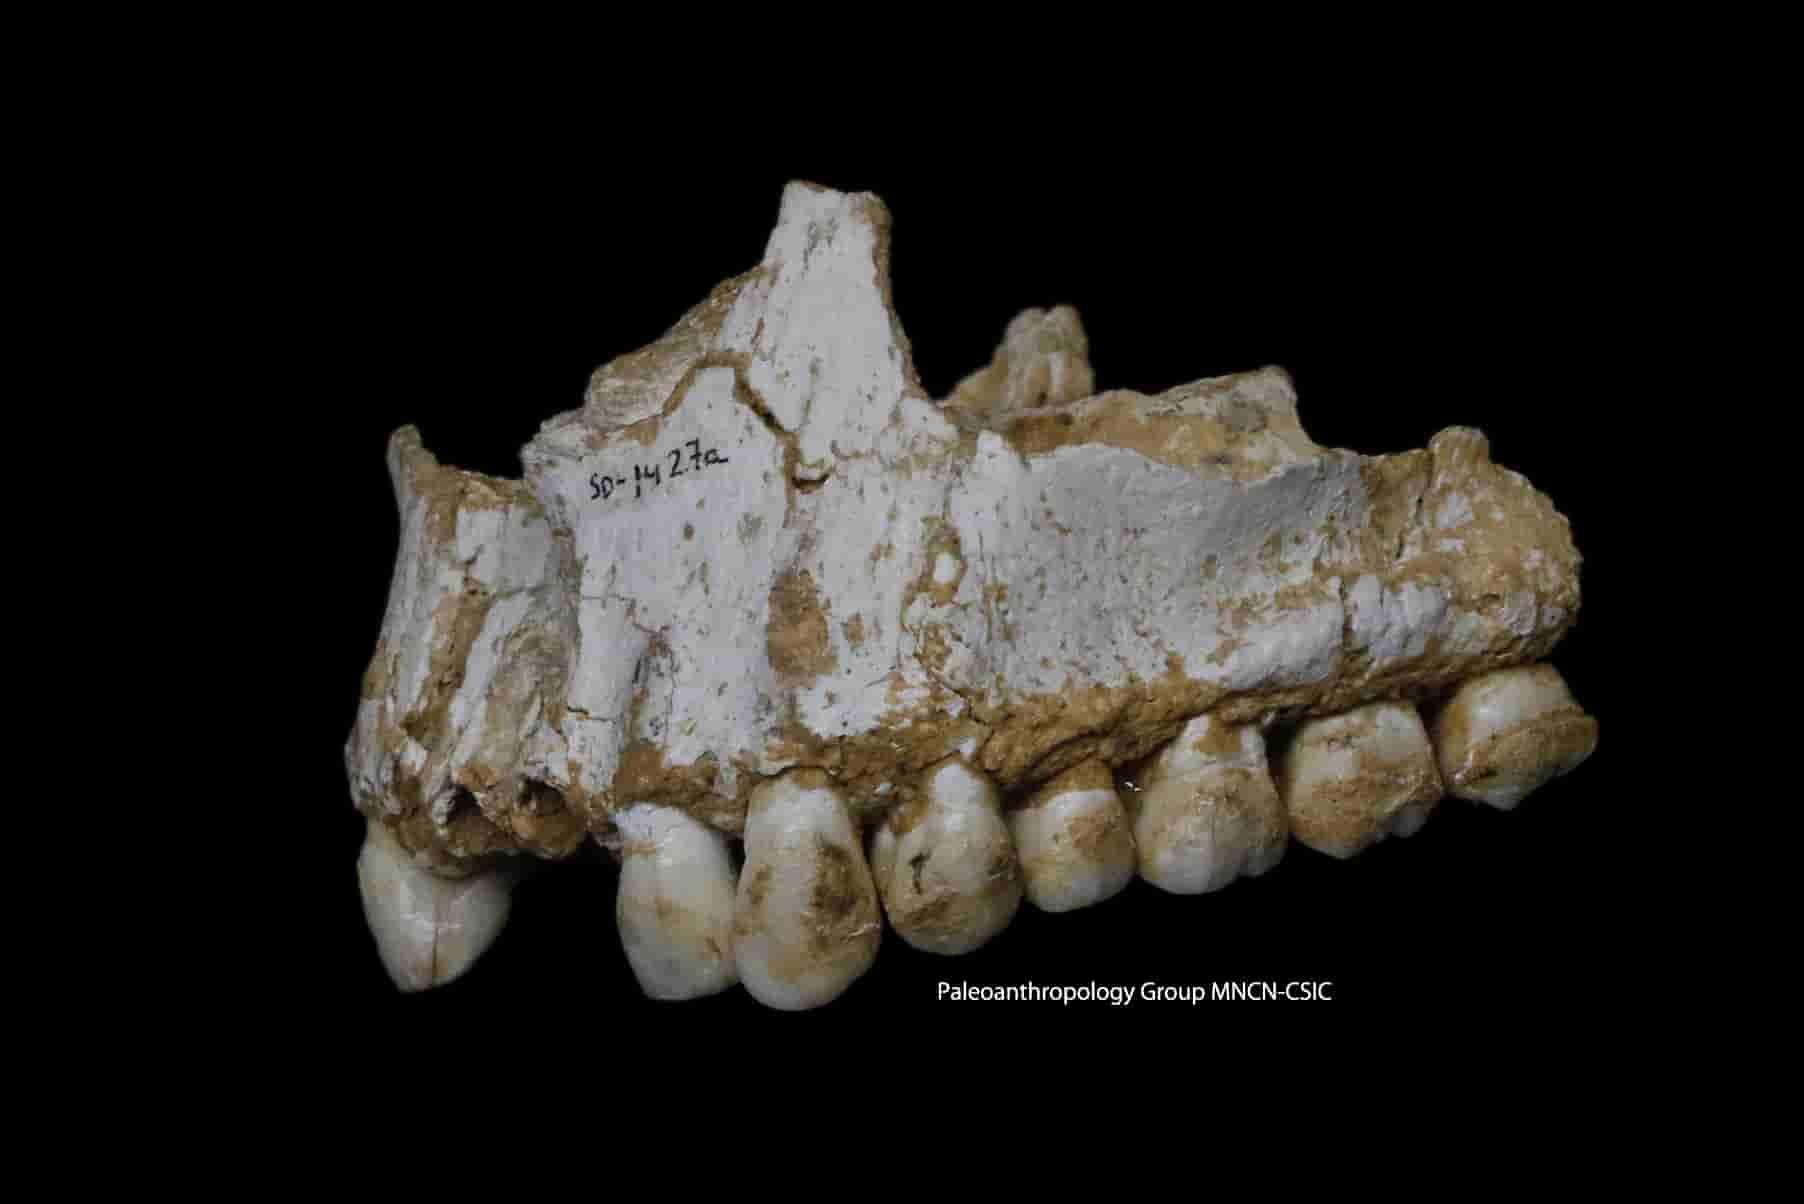 Ανέλυσαν DNA από Οδοντοστοιχία Νεάντερταλ ΟΜΩΣ Αυτό που Βρήκαν Ανάμεσα στα Δόντια Ξάφνιασε τους Επιστήμονες